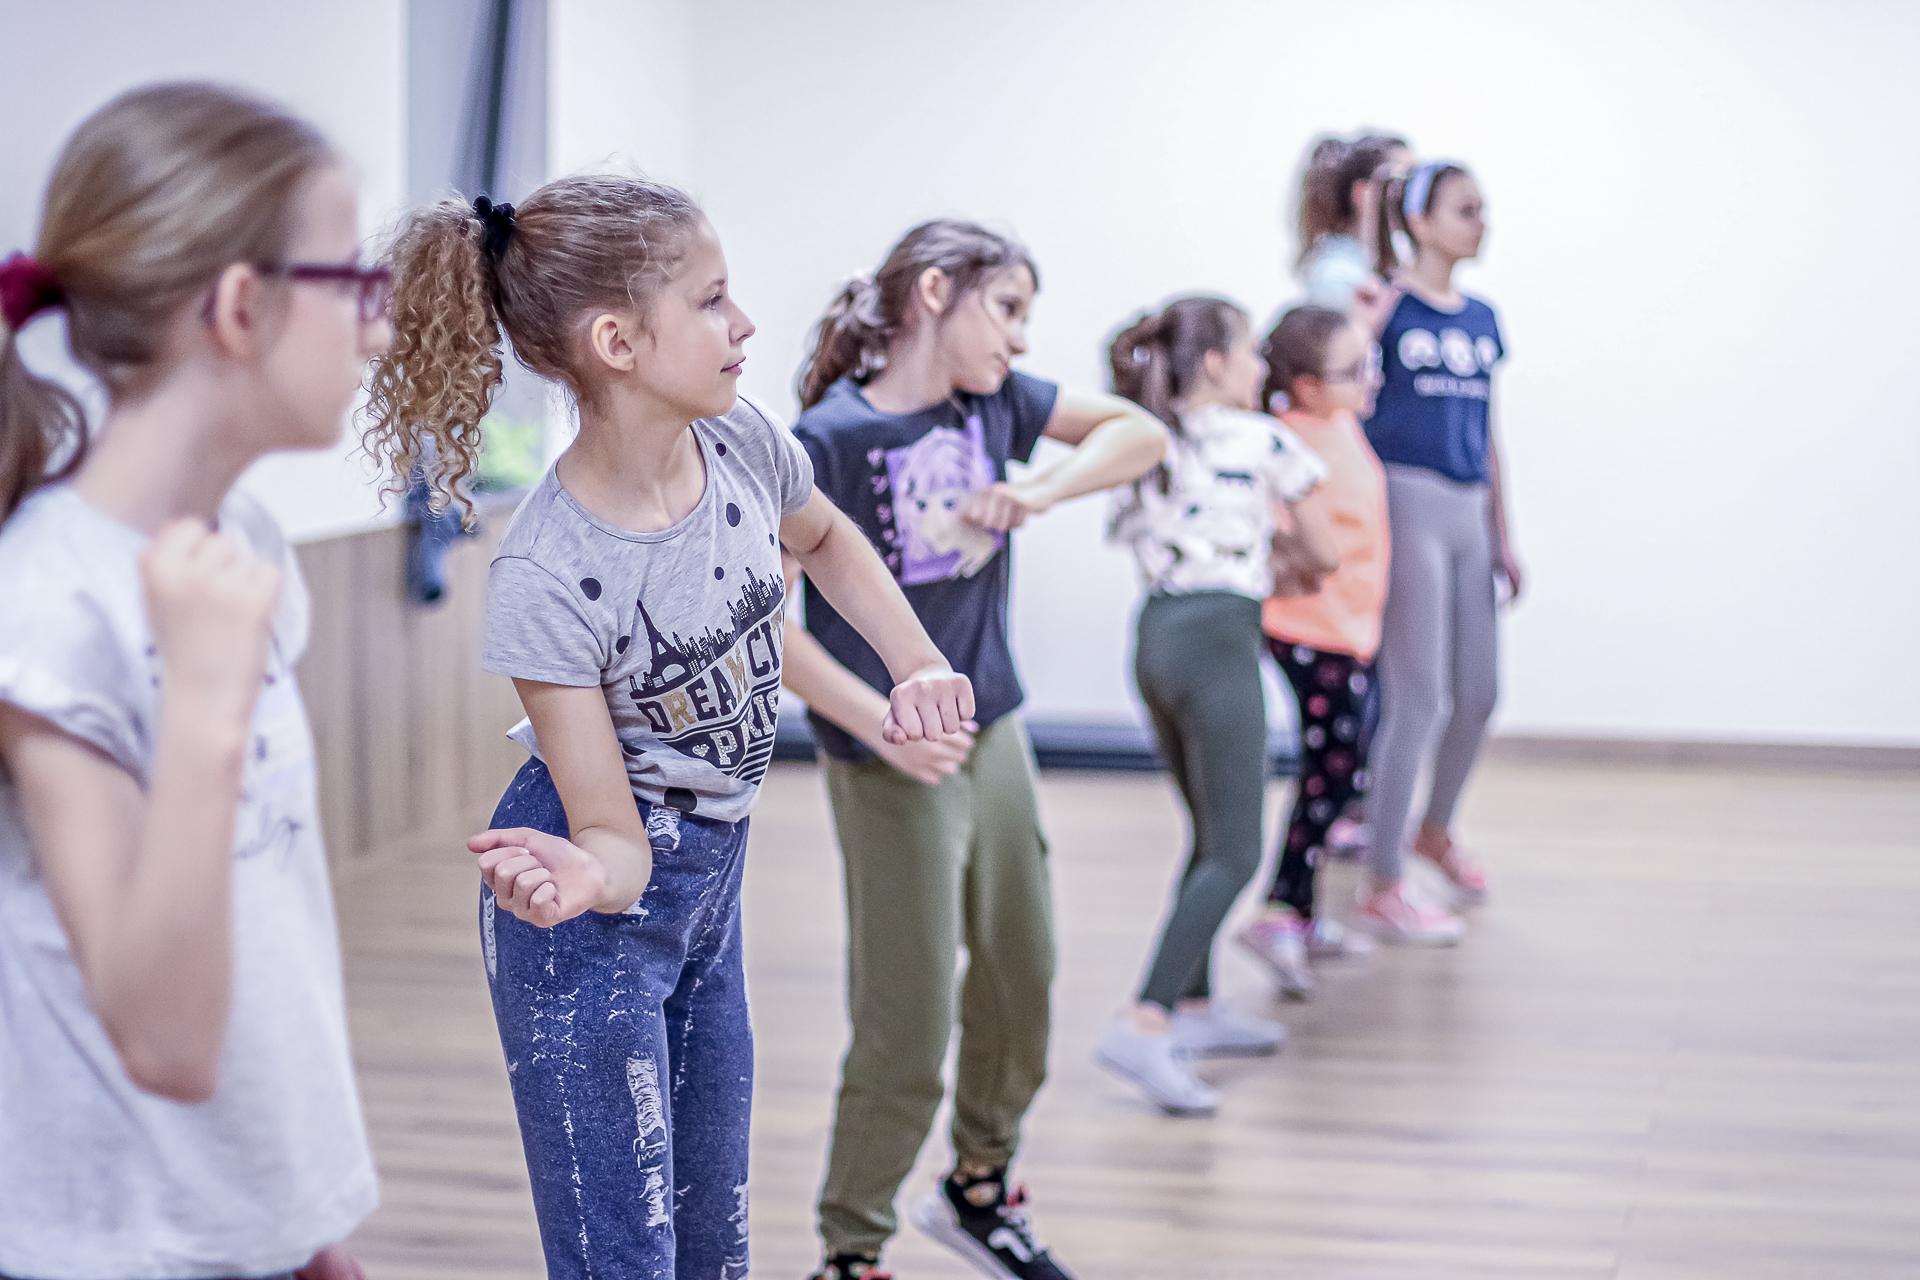 Zajęcia dla dzieci w Rybniku - street dance, taniec kreatywny, taniec 3-4 latka i gordonki